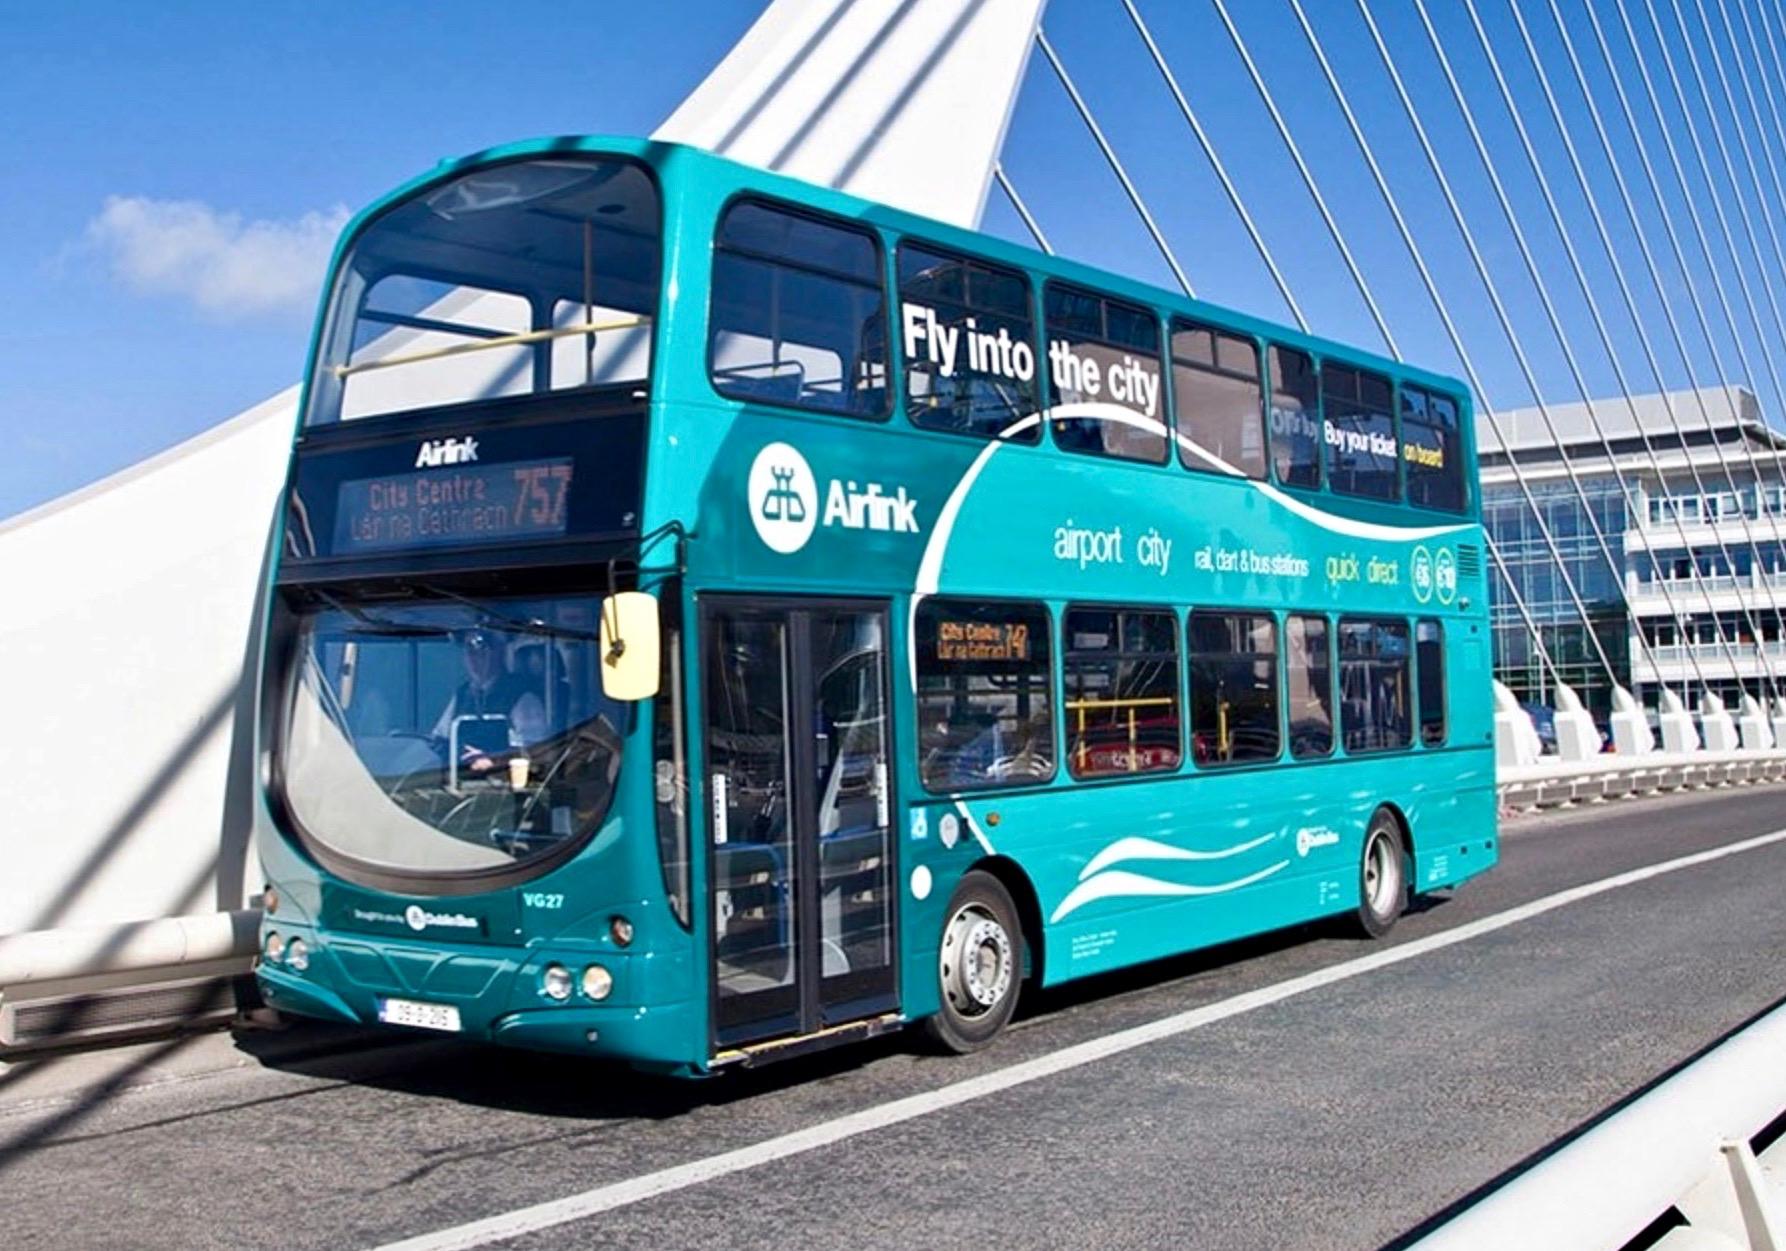 Airlink Dublín ofrece traslados regulares y económicos entre el aeropuerto y la ciudad.